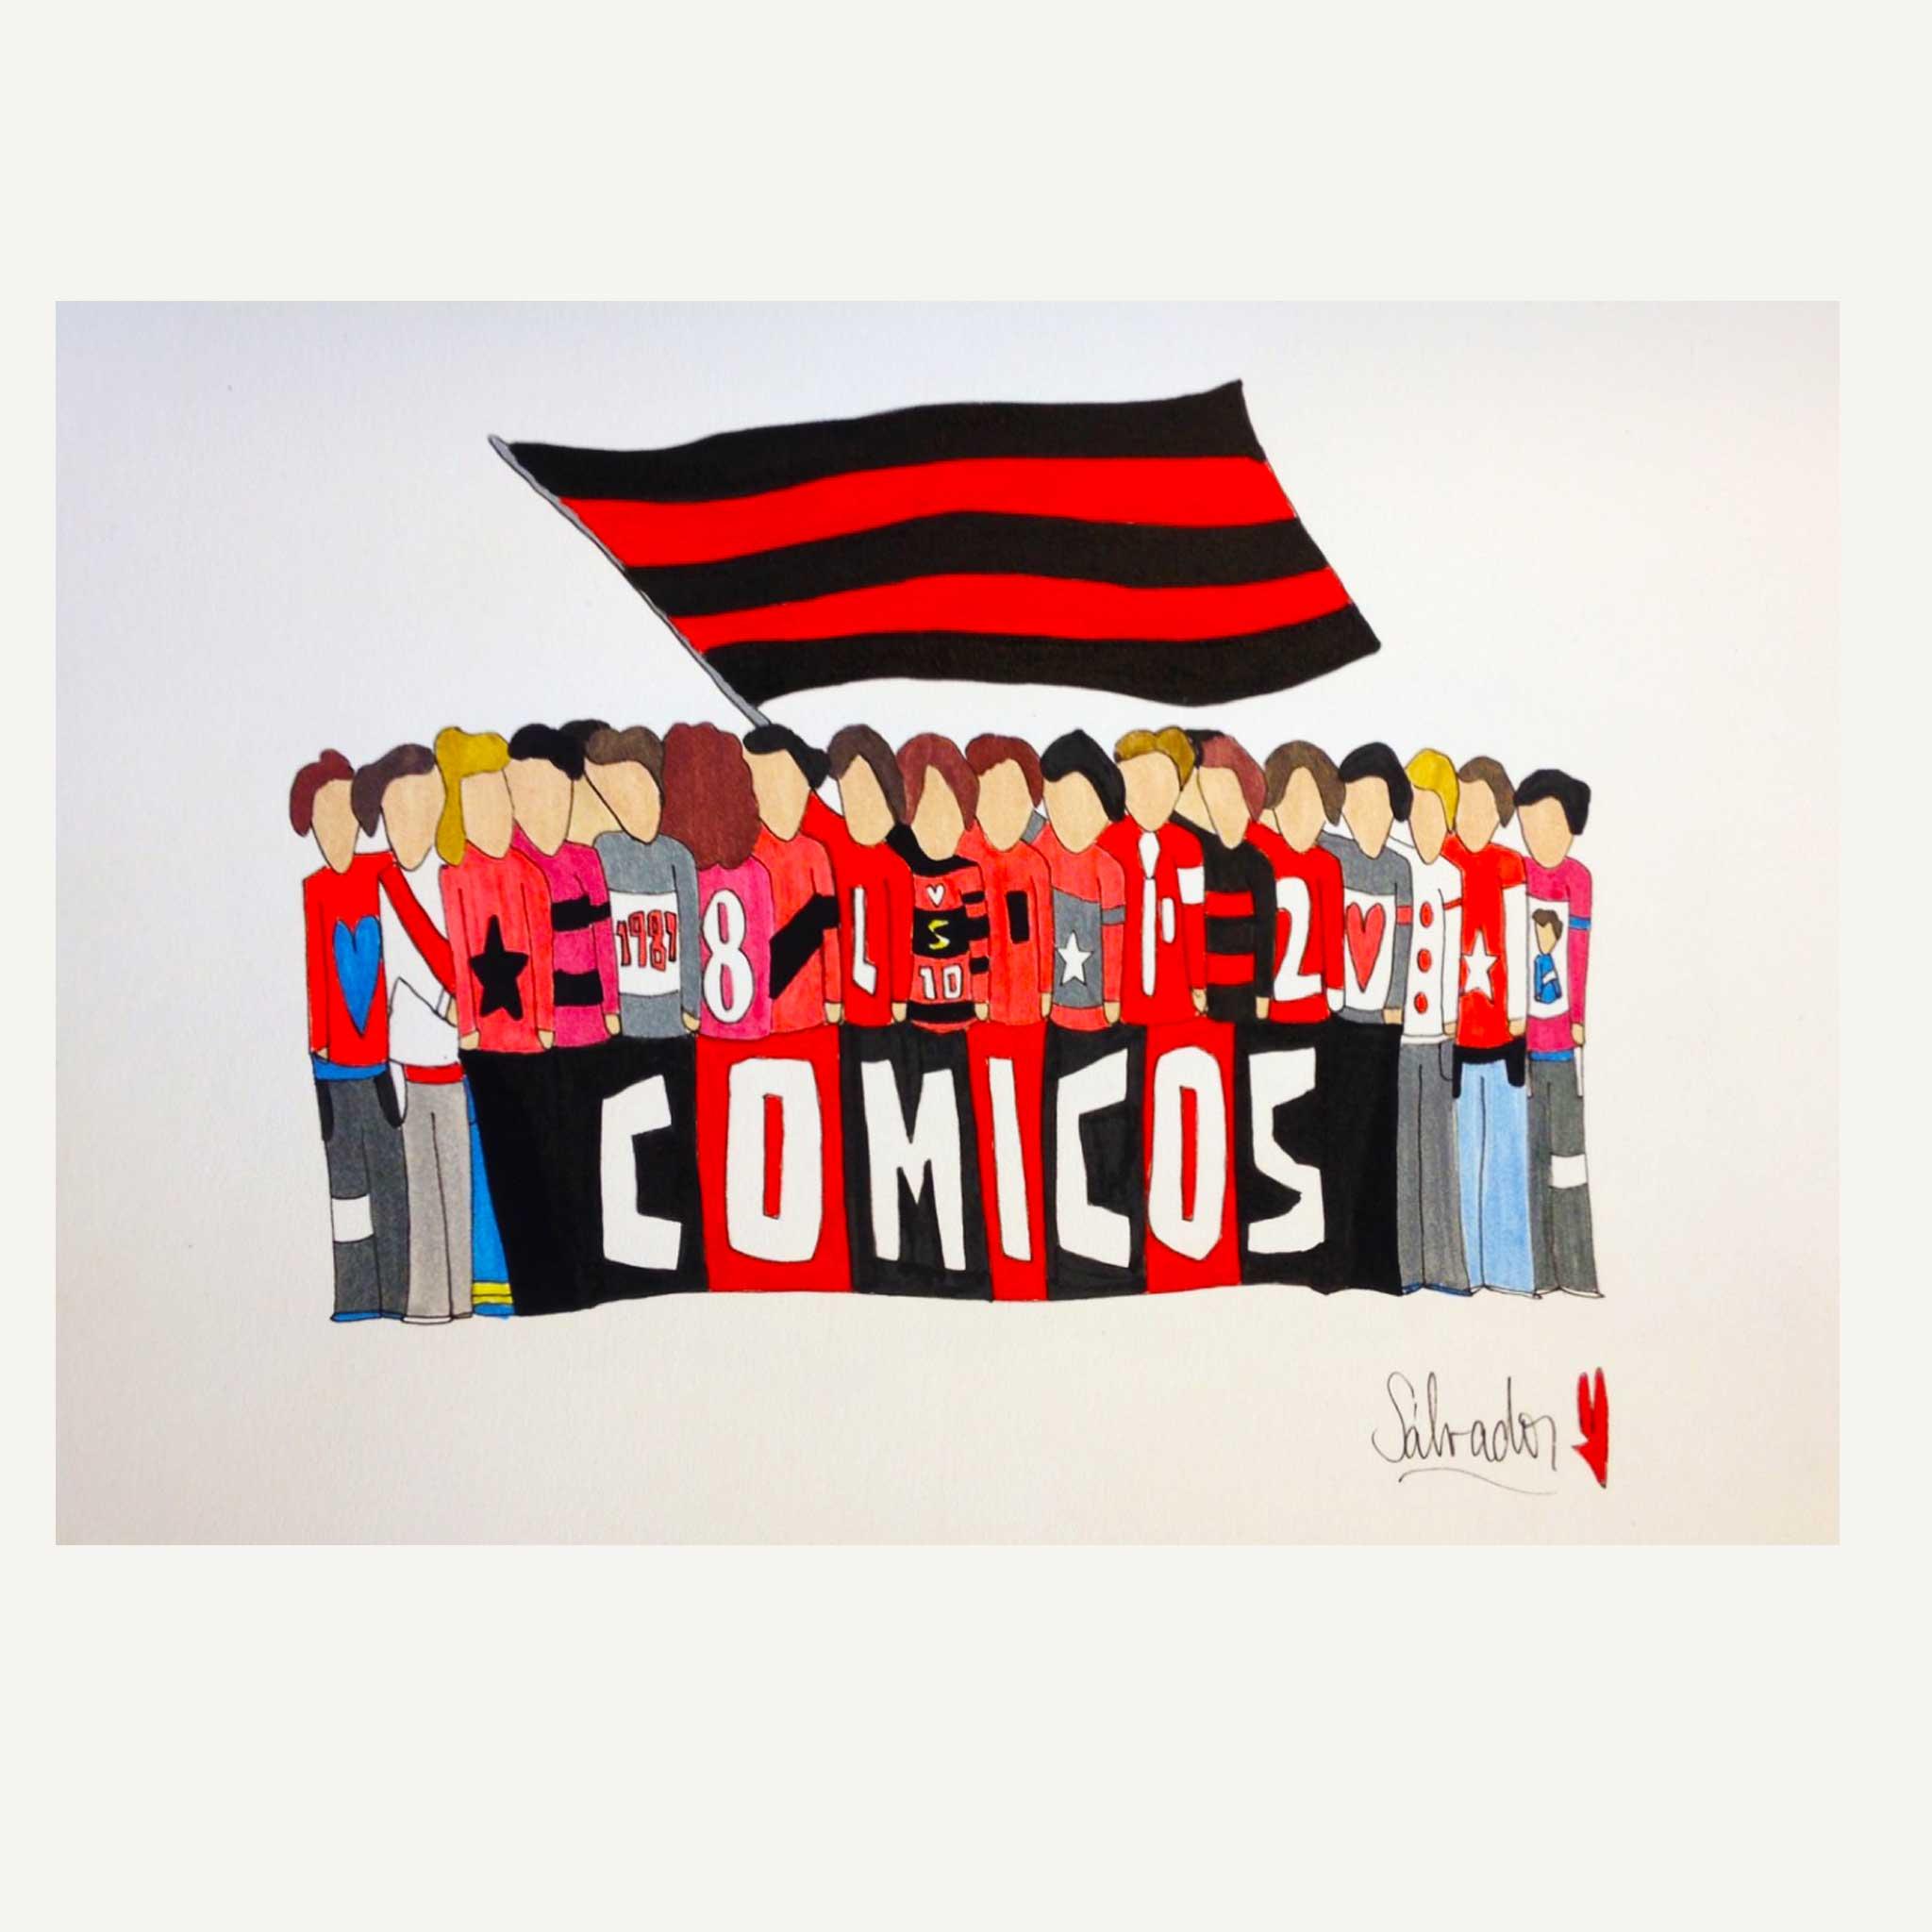 ComicosPandilla